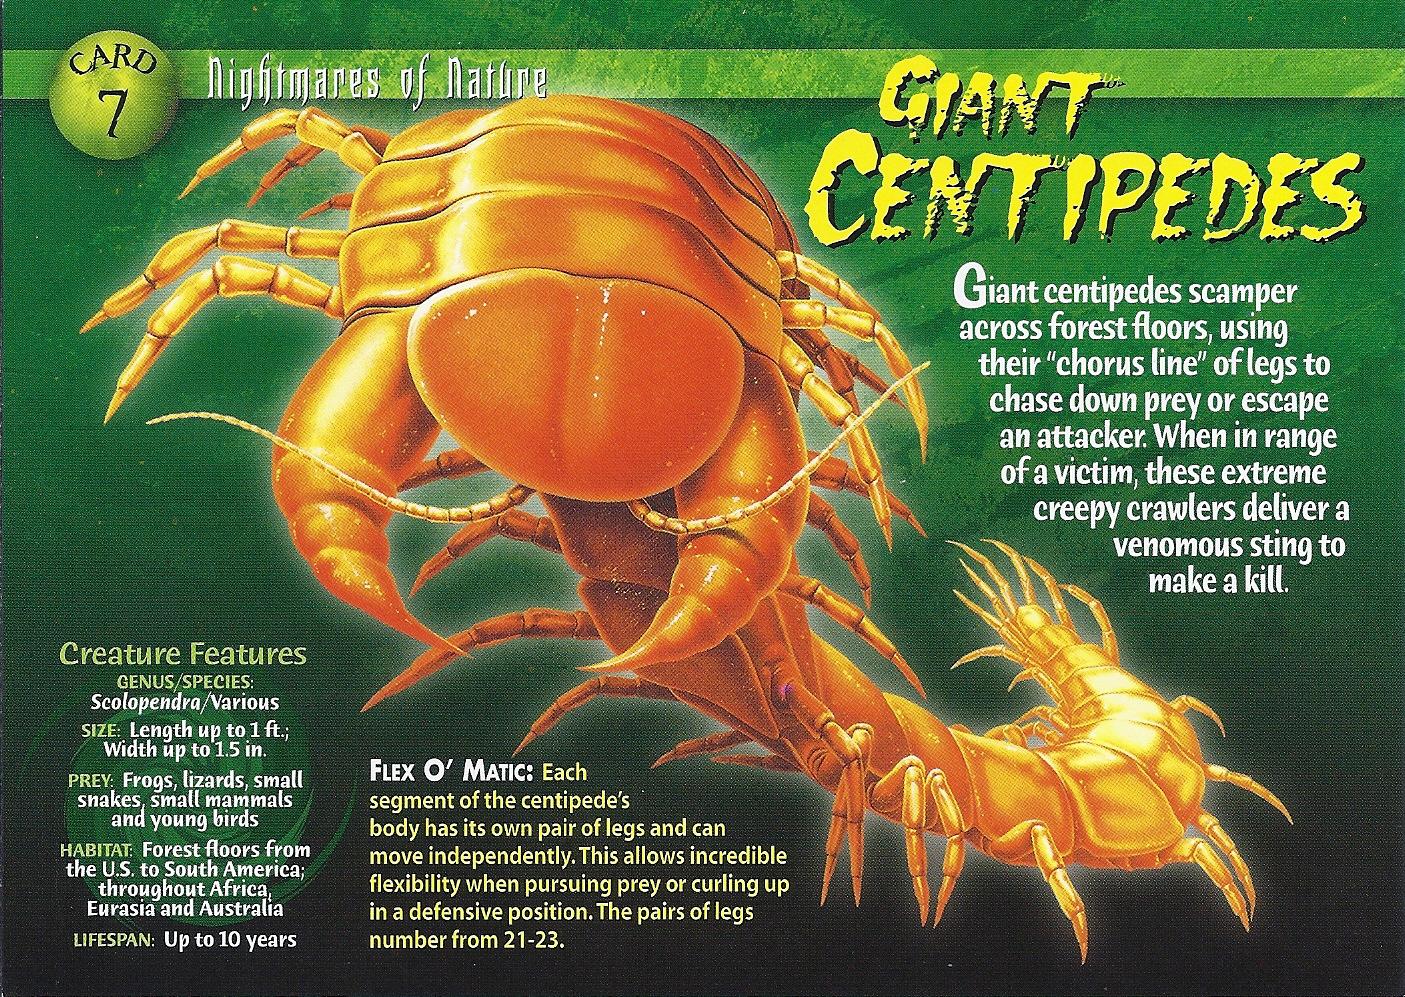 Giant Centipede | Weird n' Wild Creatures Wiki | FANDOM